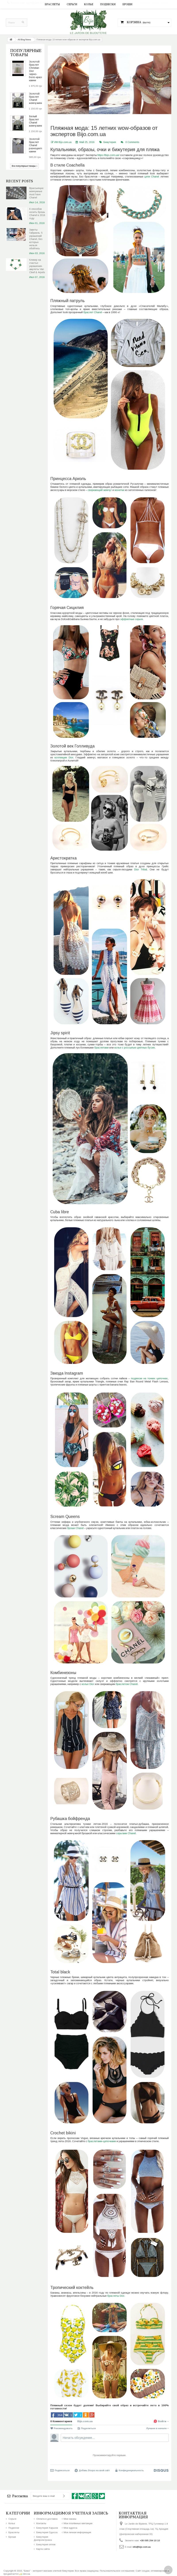 Первая статья-лонгрид на новом сайте интернет-магазина элитной бижутерии.